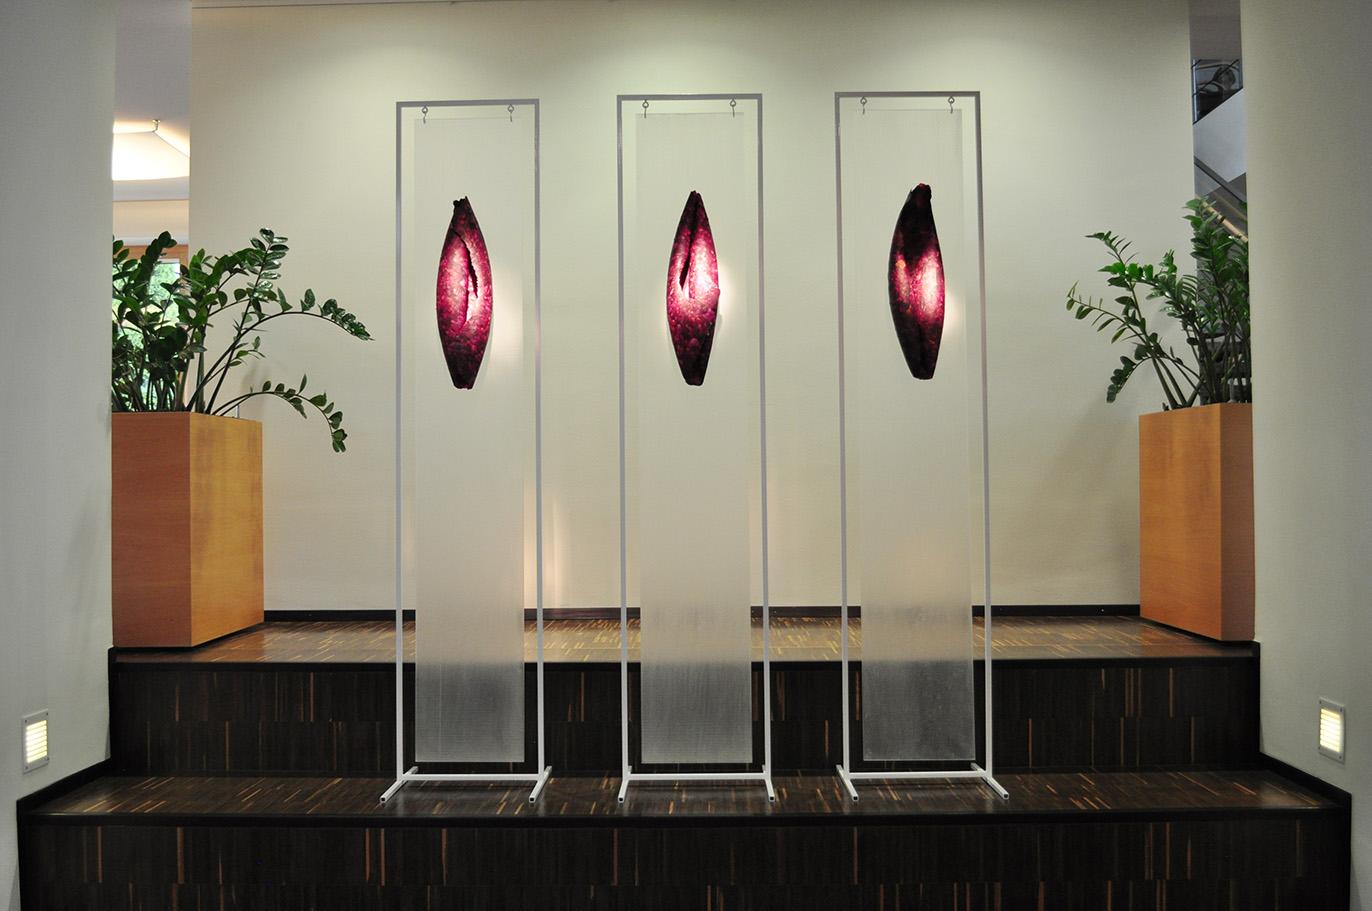 Ausstellungseroeffnung-dreirosenobjekte_1140